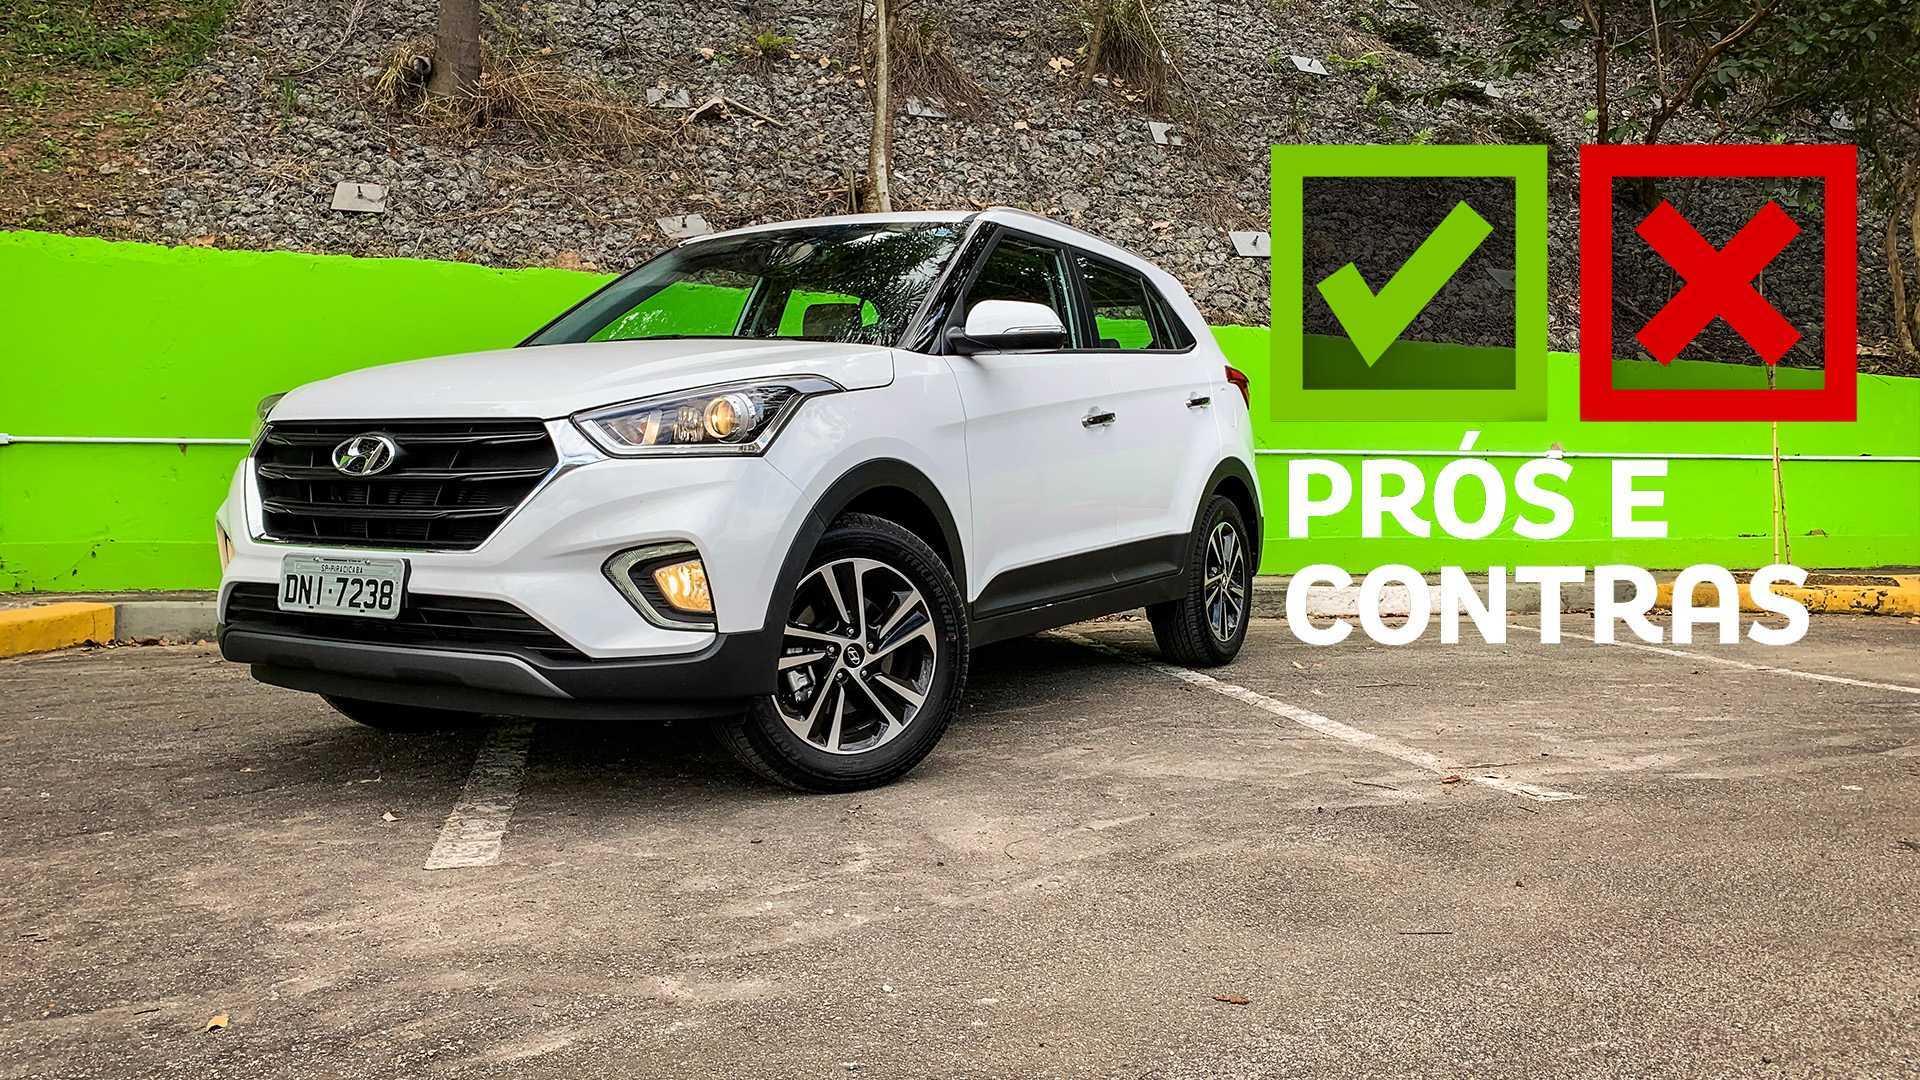 Prós e contras: Hyundai Creta Prestige 2020